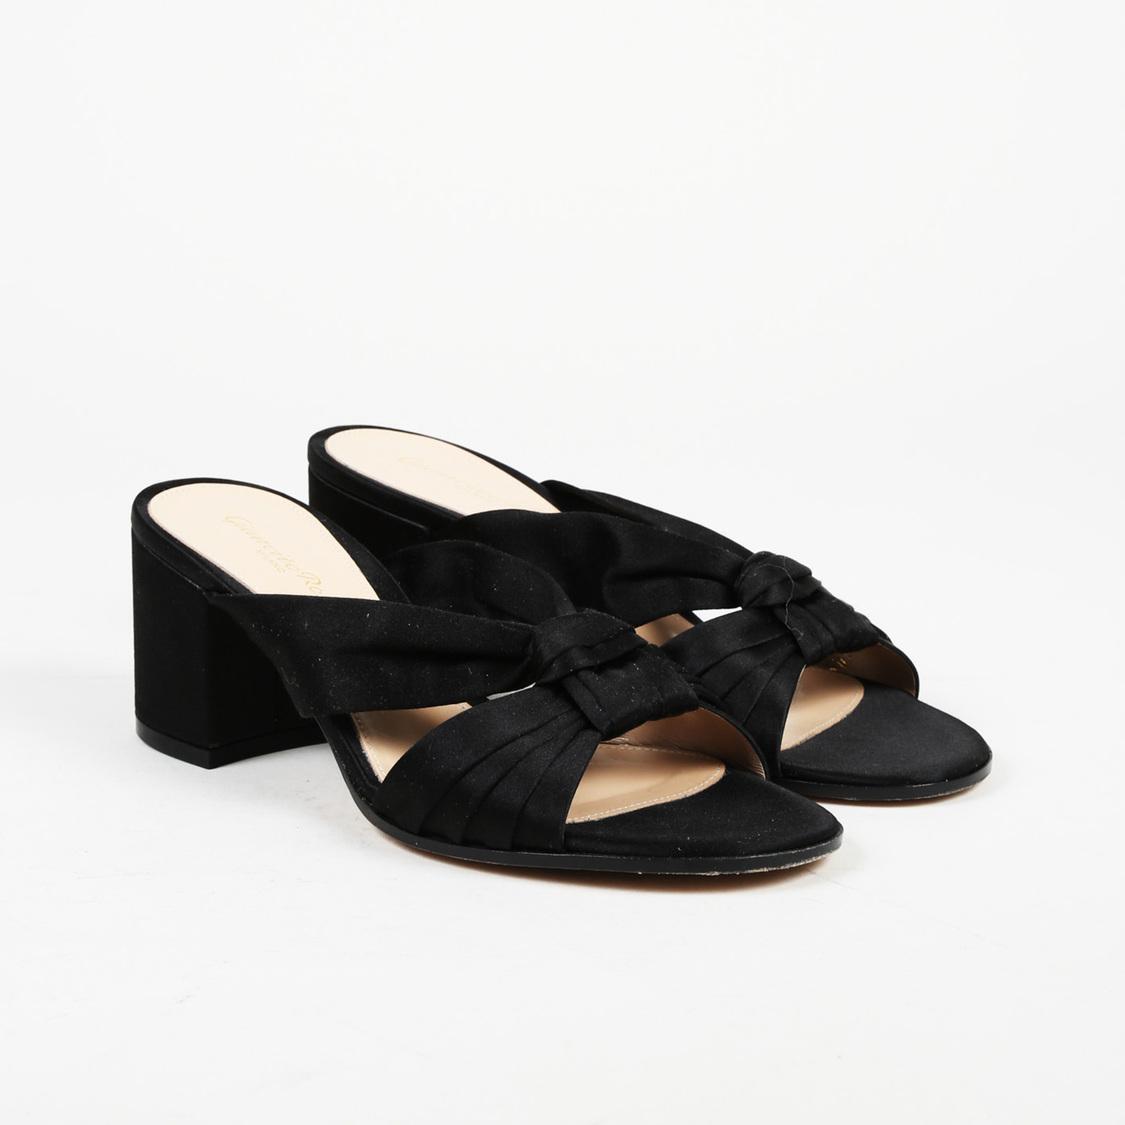 f78818e2f4e9 Lyst - Gianvito Rossi Satin Knotted Slide Sandals in Black